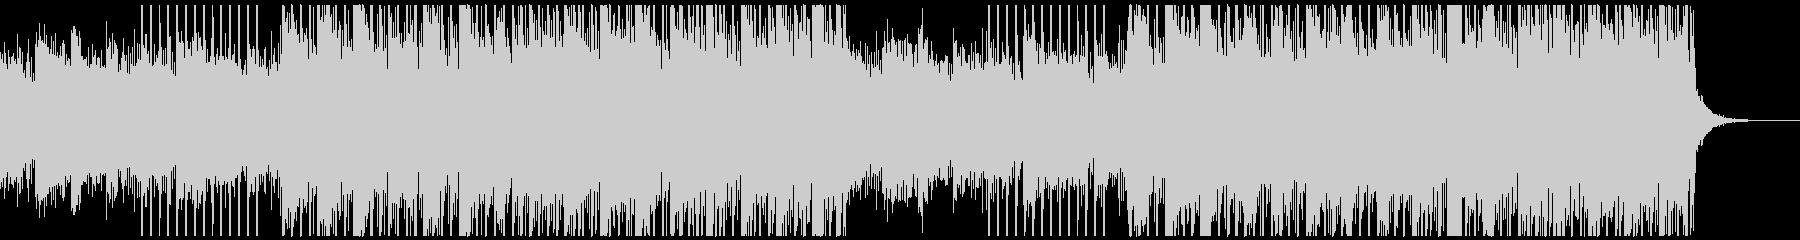 印象的なピアノ/企業VP系05aの未再生の波形